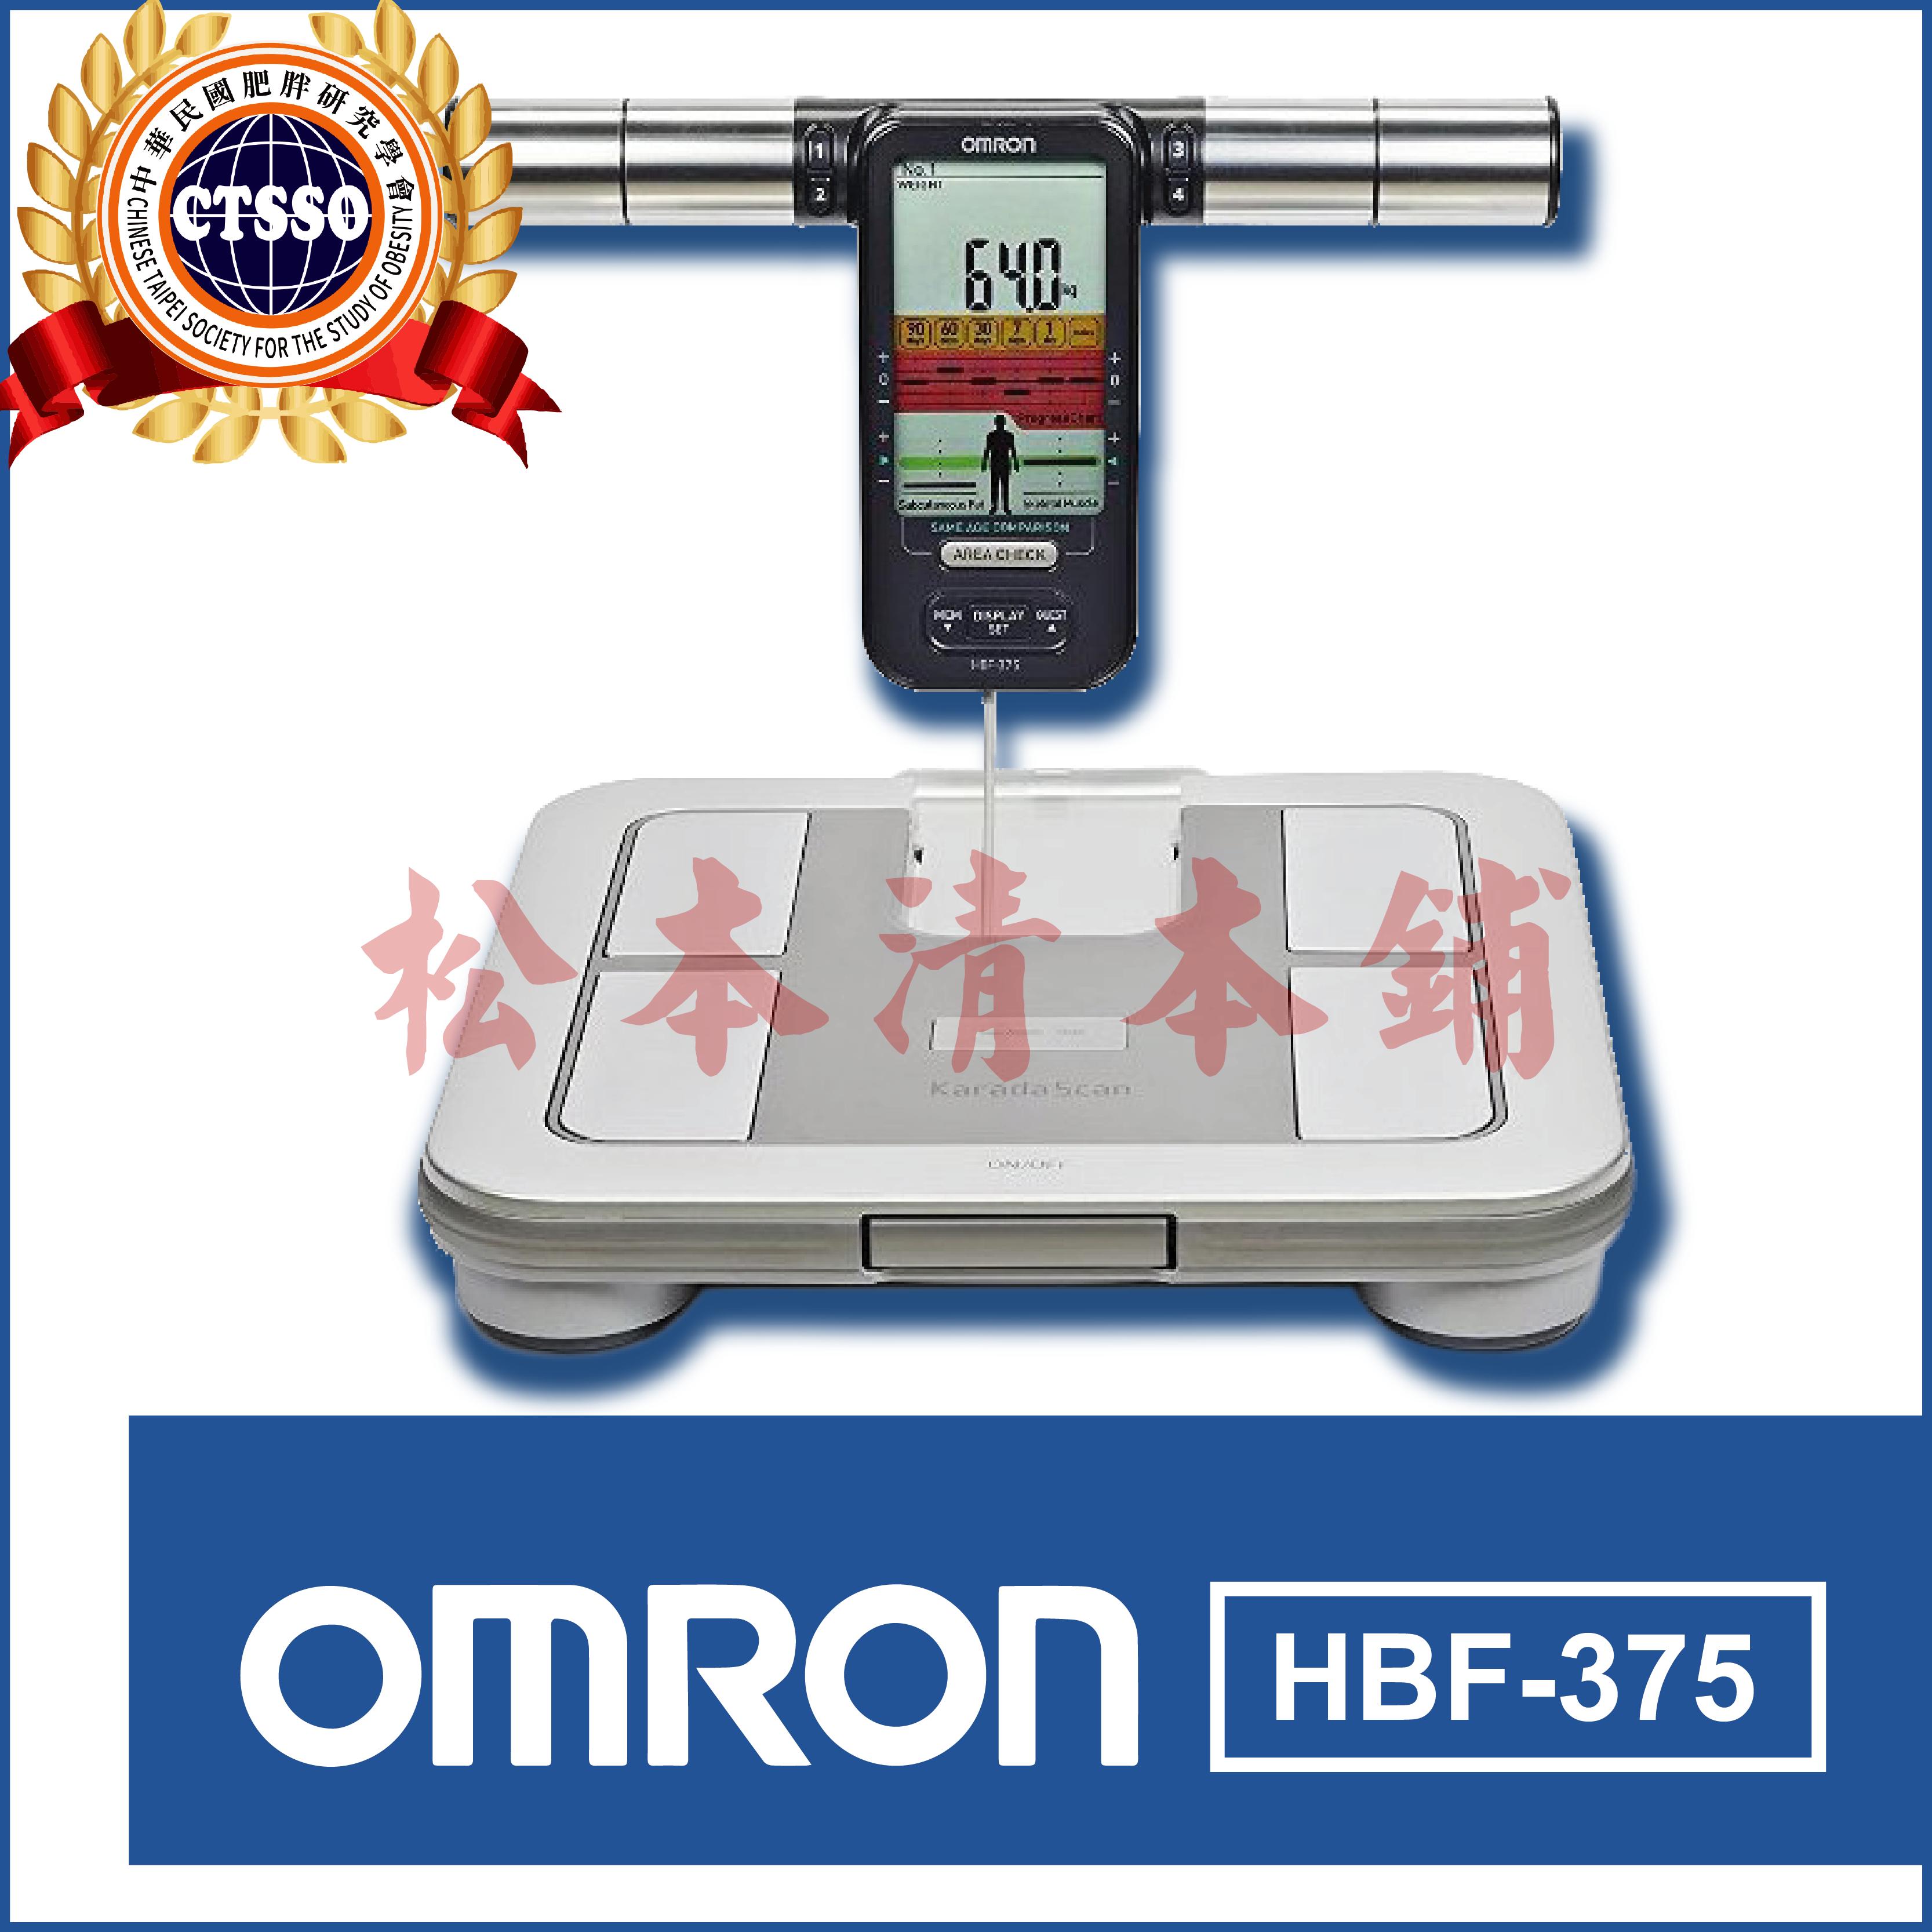 OMRON歐姆龍體脂肪計HBF-375,贈健康天使成人口罩5入(顏色隨機,送完為止)